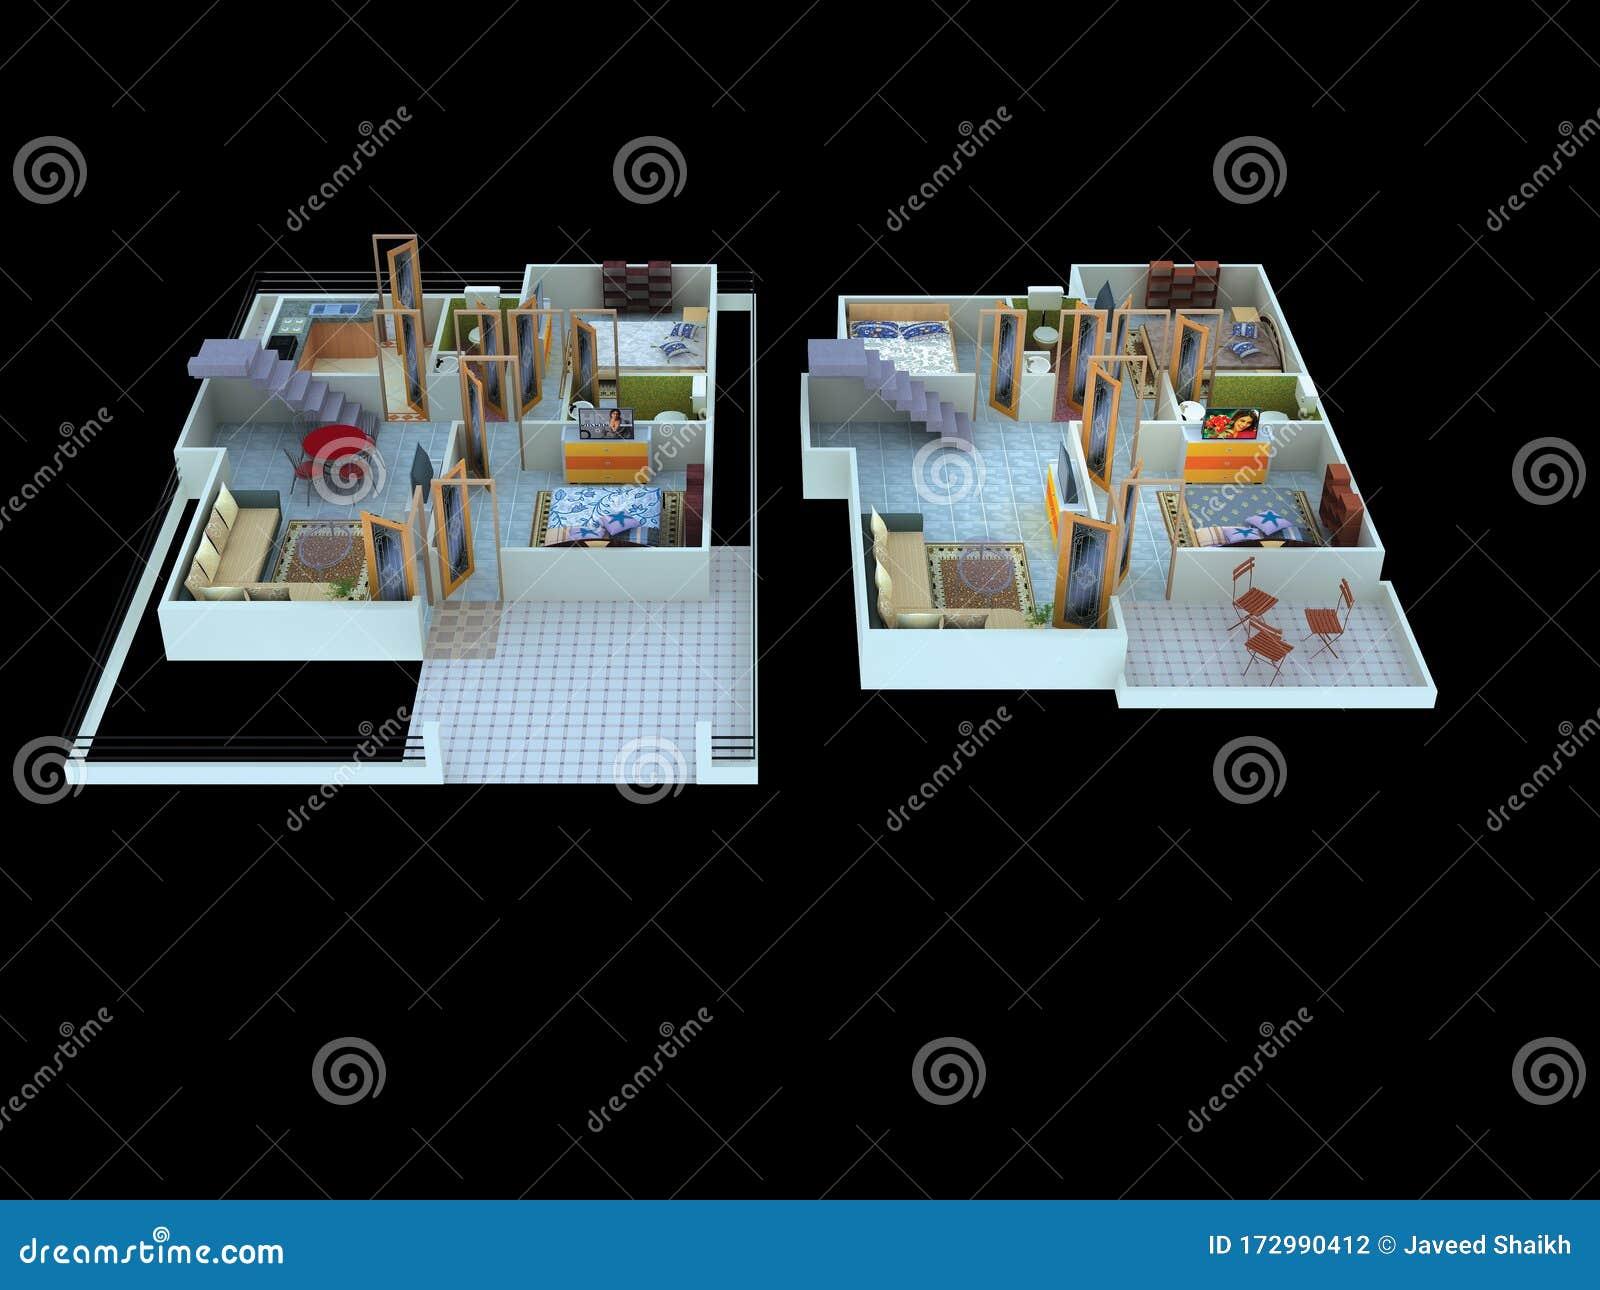 Interior Design Ideas Home Decorating Stock Illustration Illustration Of Designs Decorating 172990412